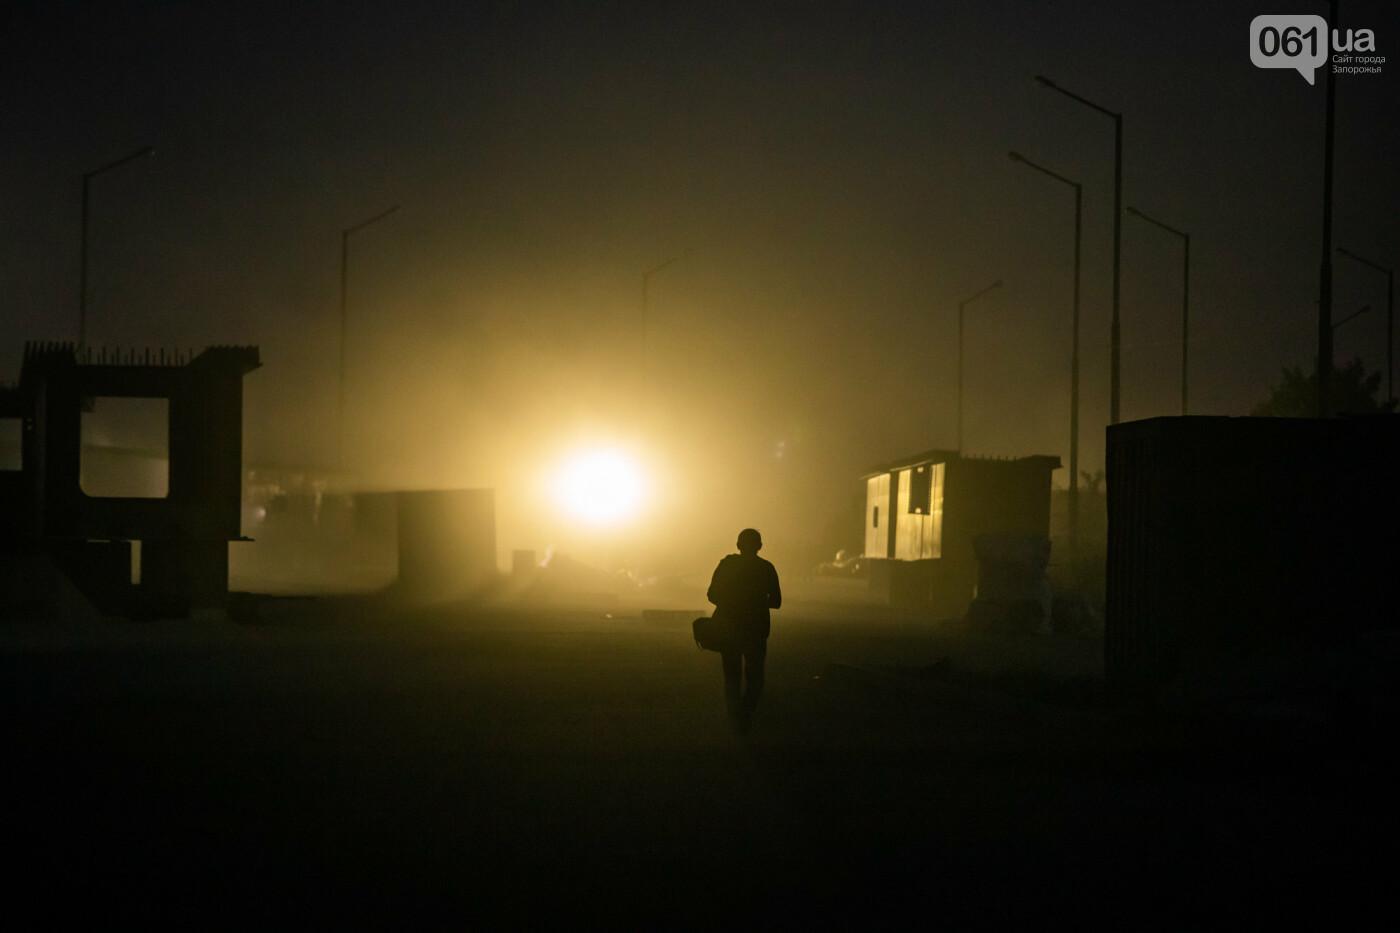 В Запорожье собирают балочный мост через Старый Днепр – строители работают даже ночью, - ФОТОРЕПОРТАЖ , фото-31